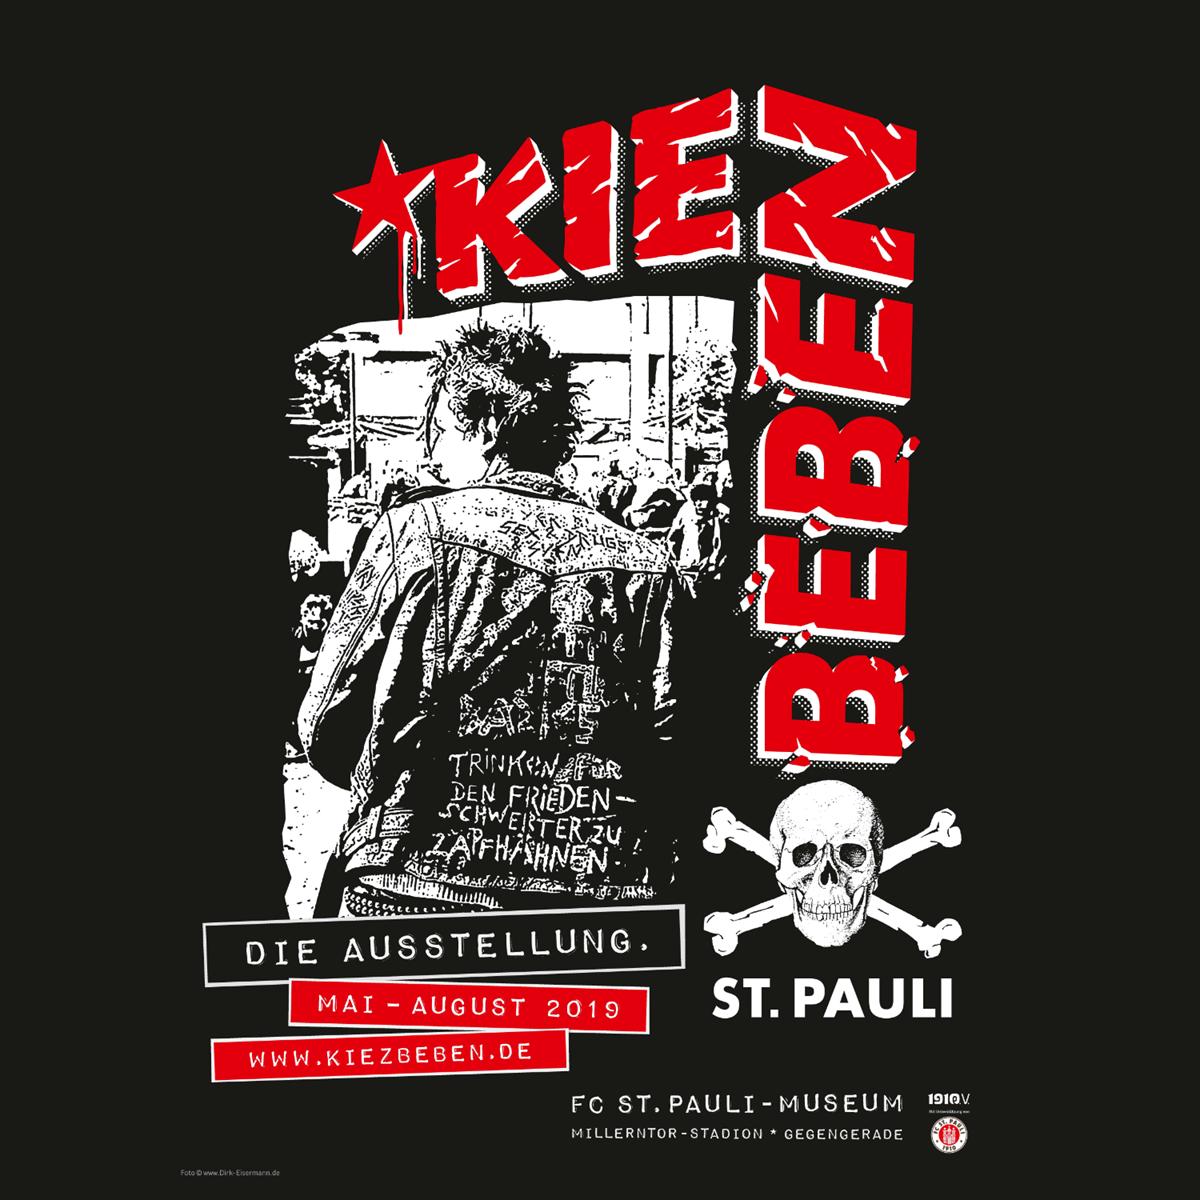 Die Ausstellung KIEZBEBEN ist noch bis 5. Oktober im FC St. Pauli-Museum in der Gegengerade zu sehen. Öffnungszeiten: Do.+Fr. von 16 bis 22 Uhr, Sa.+So. von 11 bis 19 Uhr.